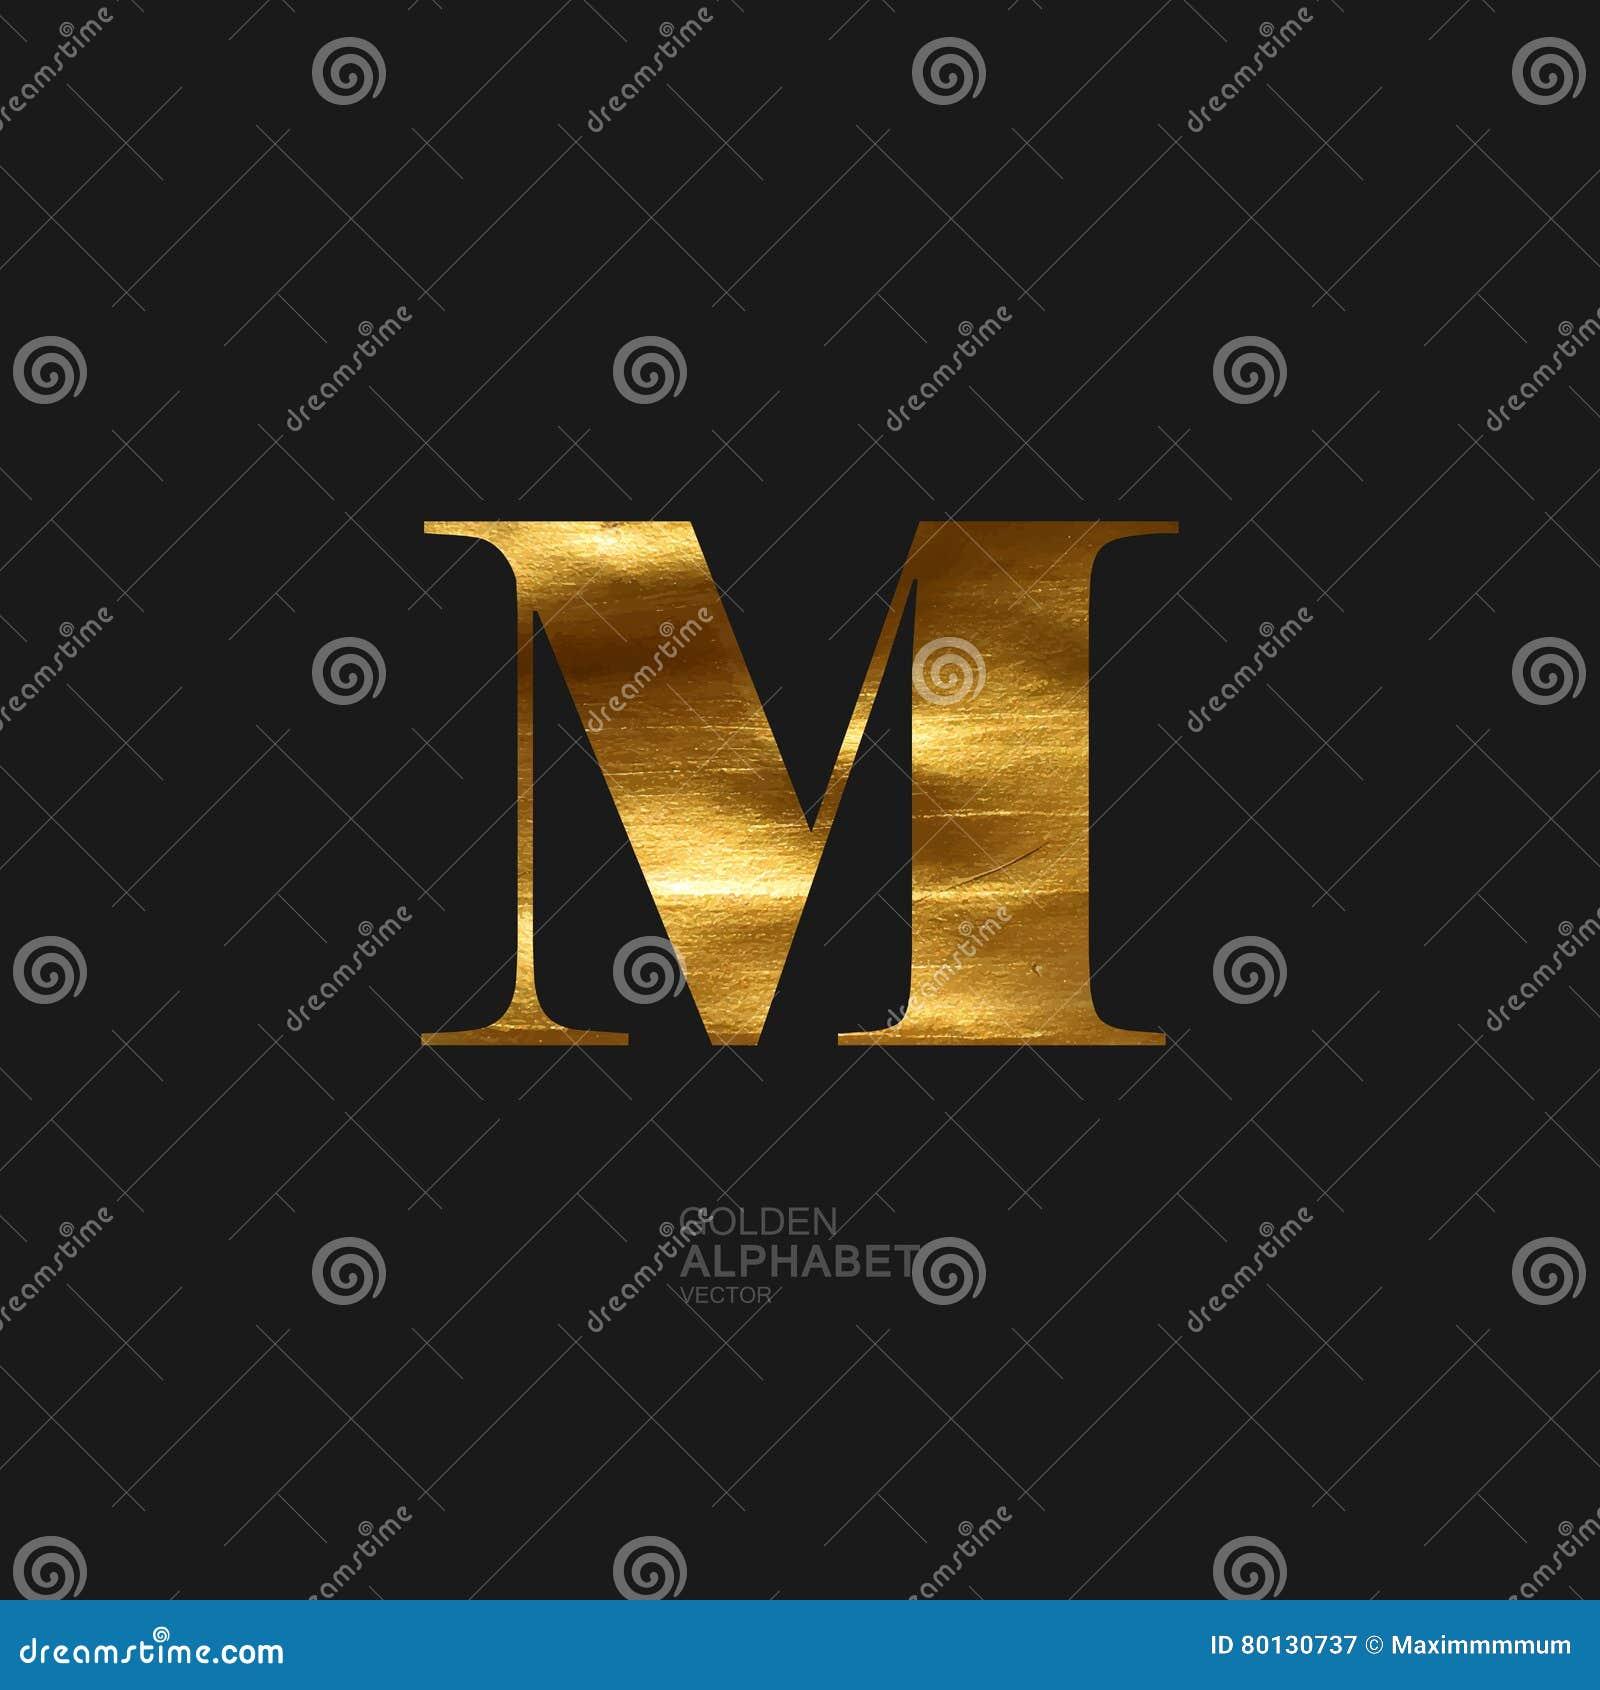 Golden letter M